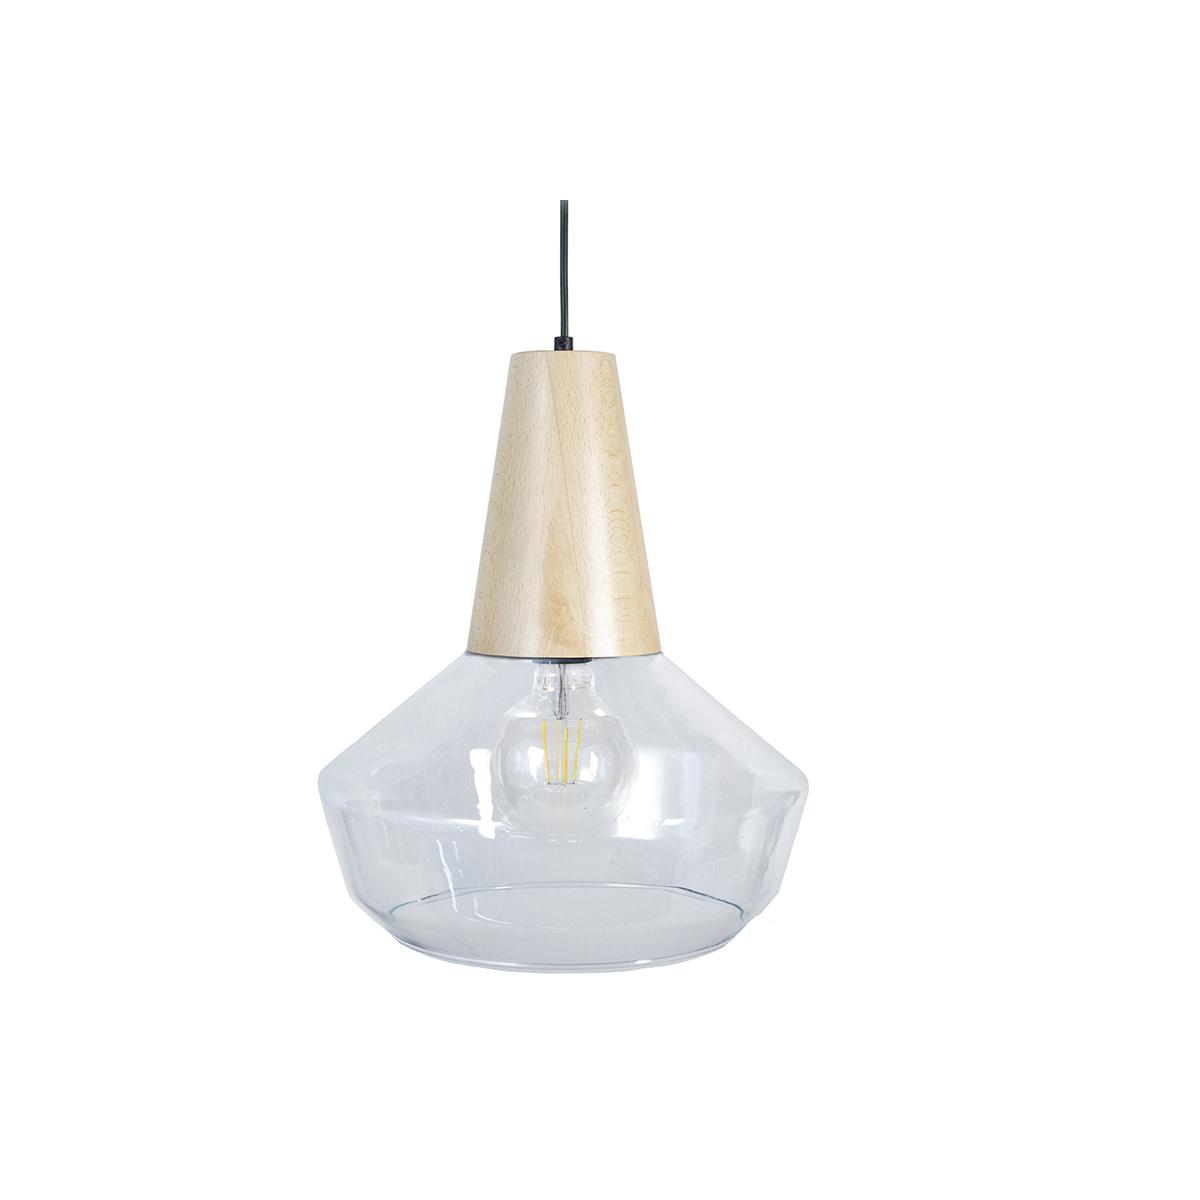 Lampadario design legno e vetro BARTH